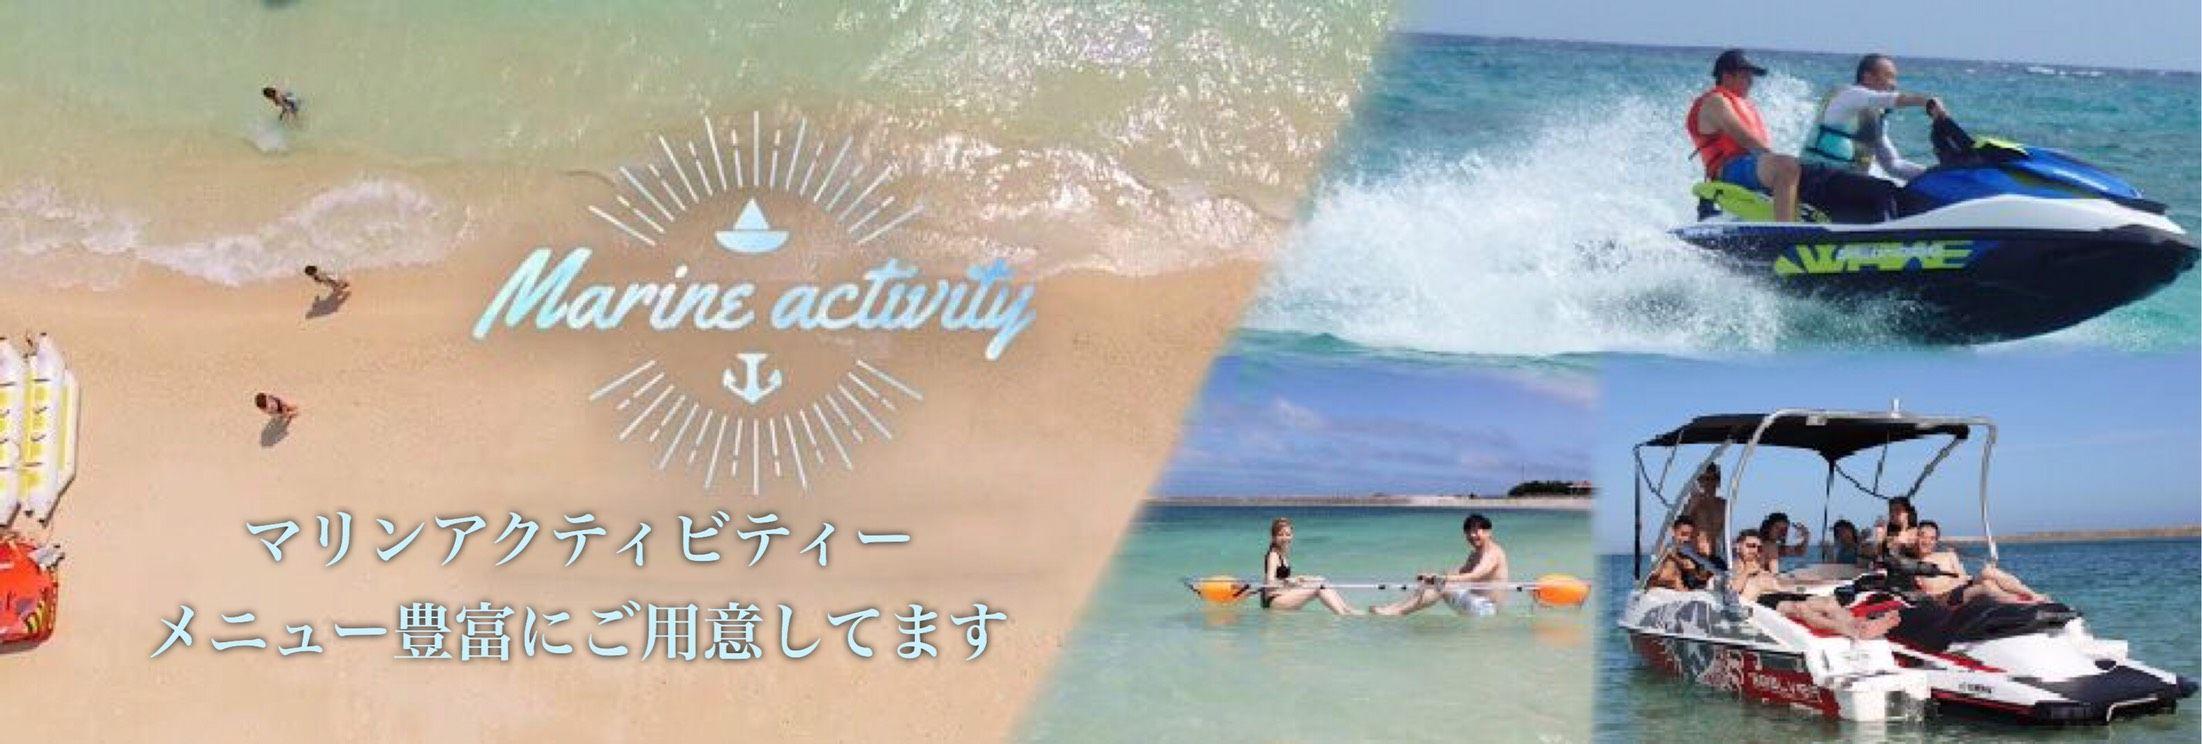 沖縄/伊江島/南城市/体験型民泊•マリンレジャー•レンタル•観光業の有限会社TM.Planning(ティーエムプランニング)沖縄を「ただいま」と言える第二の故郷に。